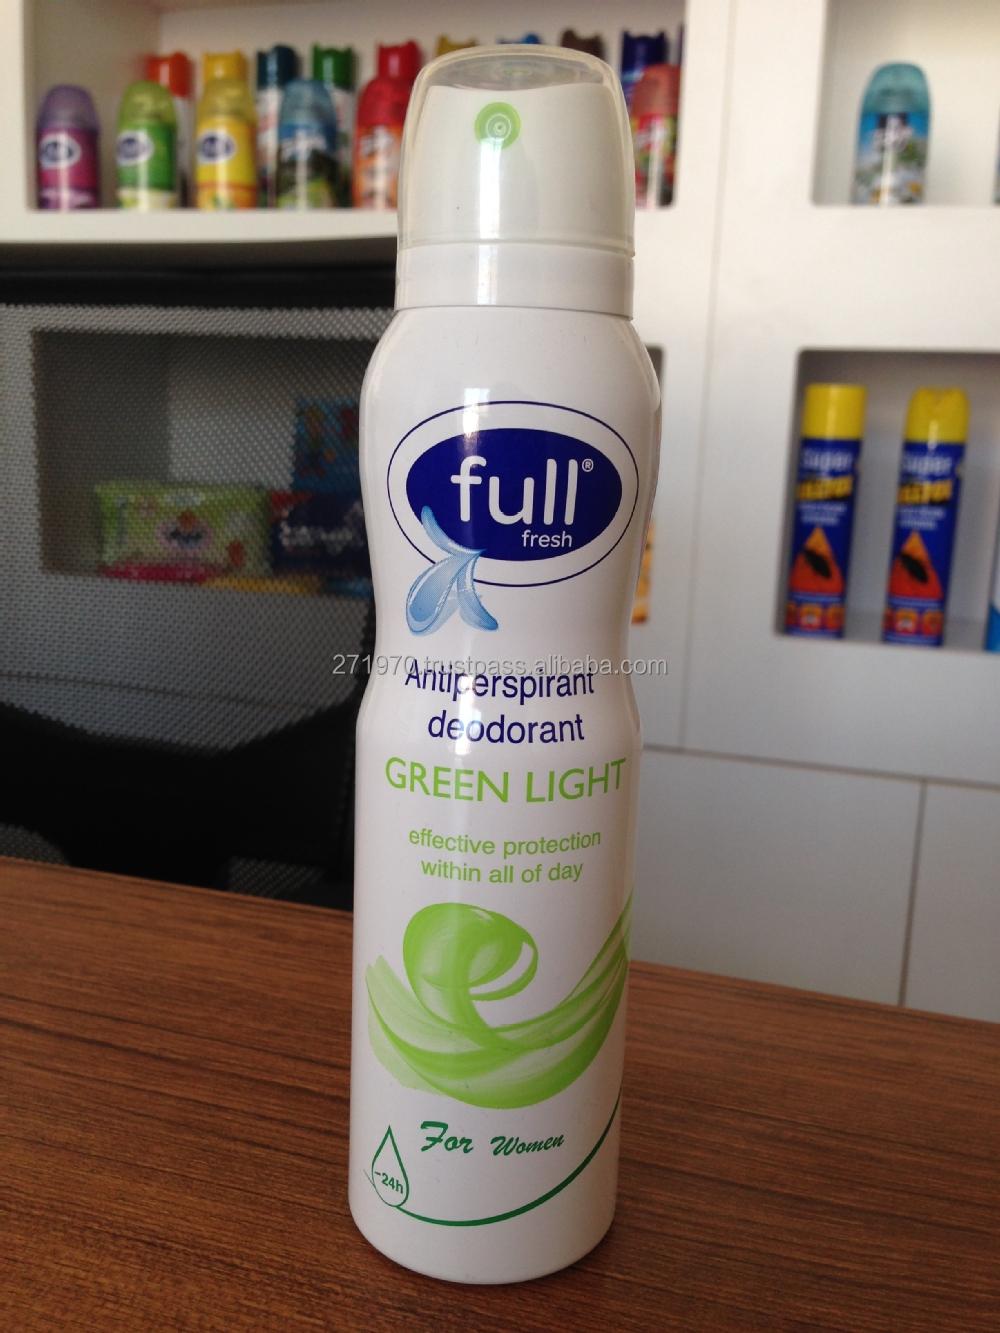 aerosol insecticide/aerosol mosquito repellent spray